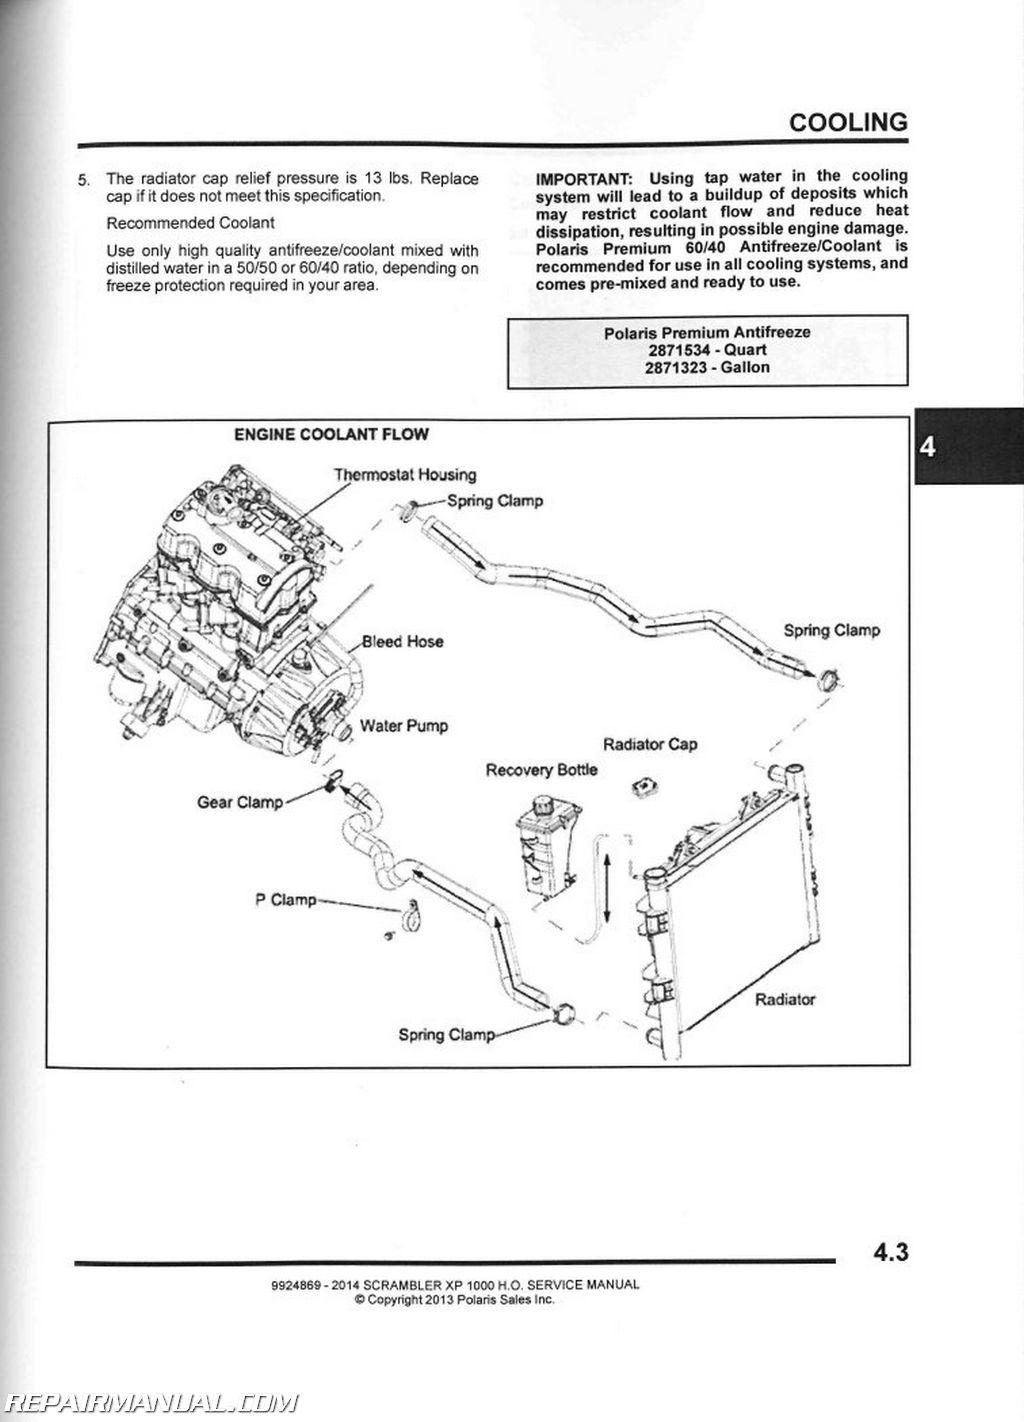 2014 Polaris Scrambler Xp 1000 Ho Atv Service Manual